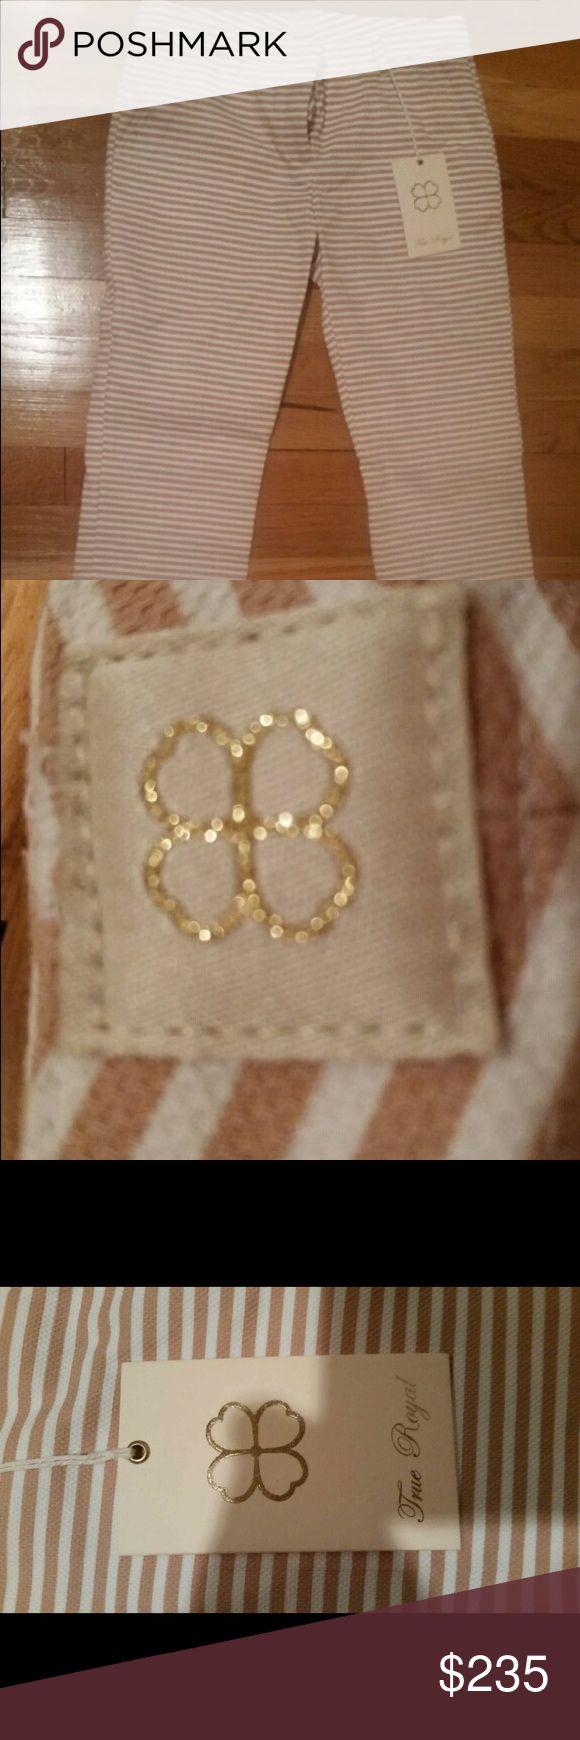 True Royal Stripe Pants Stripe bottom tan and white True Royal pants. True Royal Pants